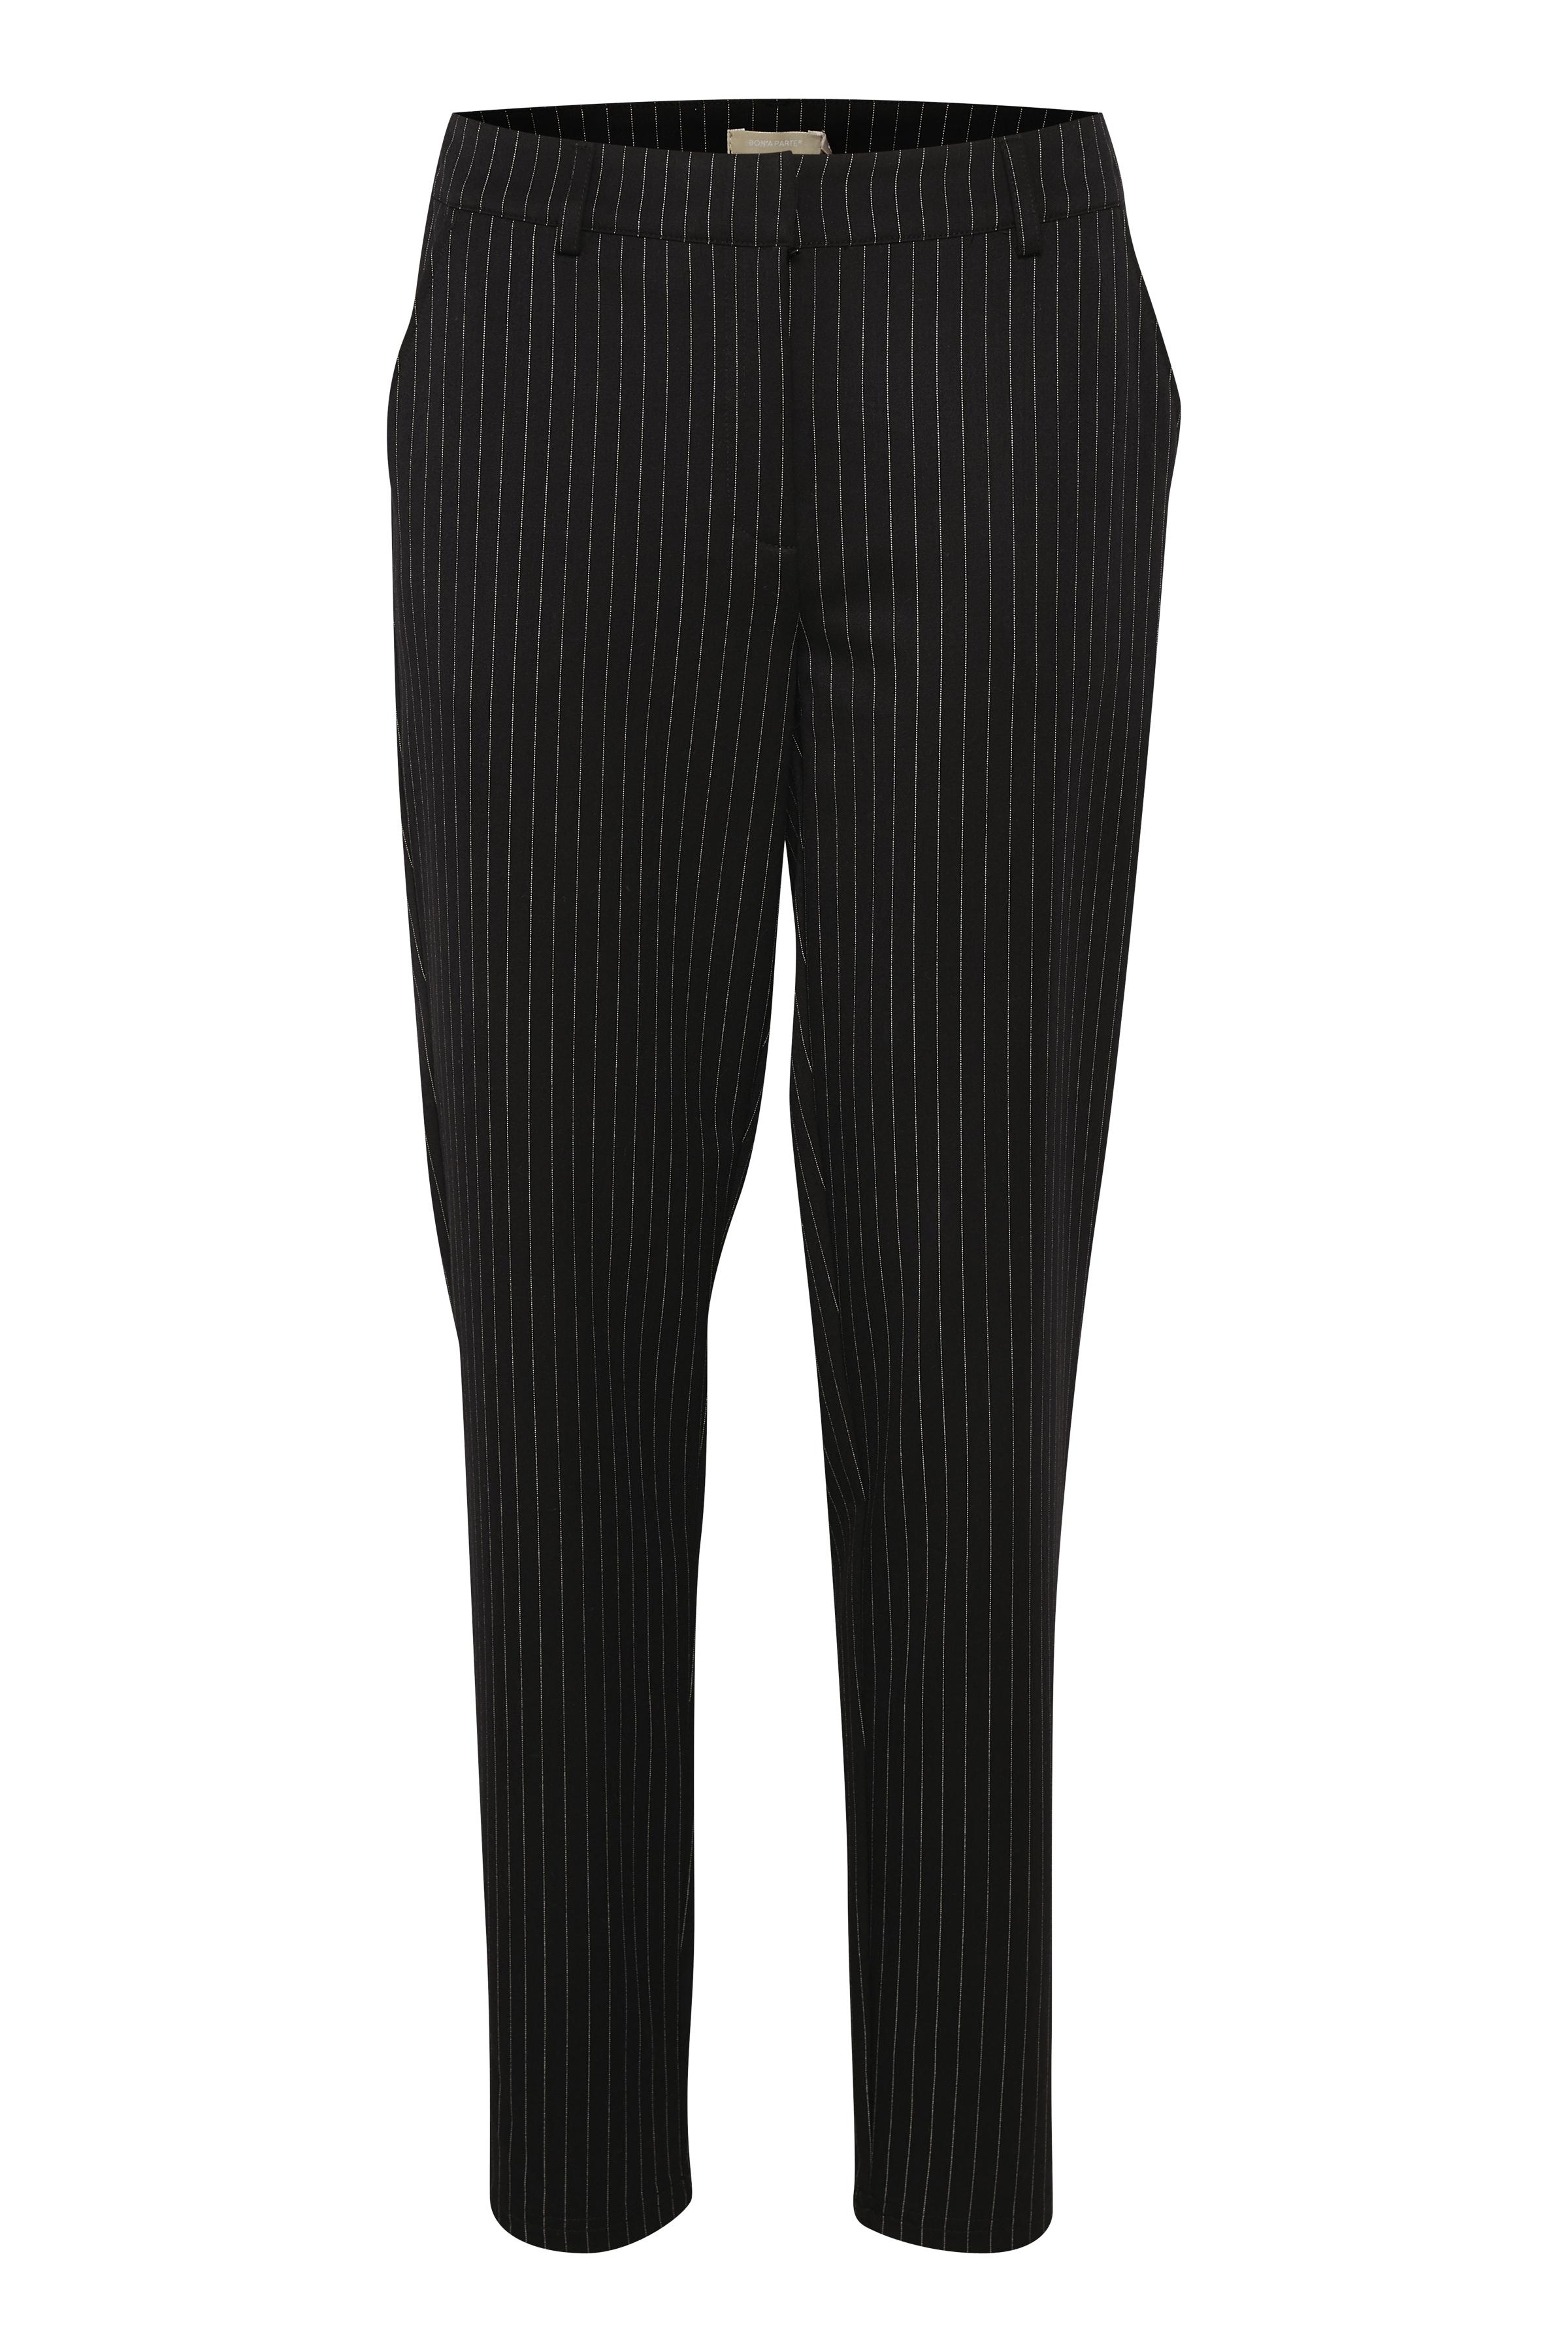 Schwarz Hose von Bon'A Parte – Shoppen Sie Schwarz Hose ab Gr. 36-48 hier